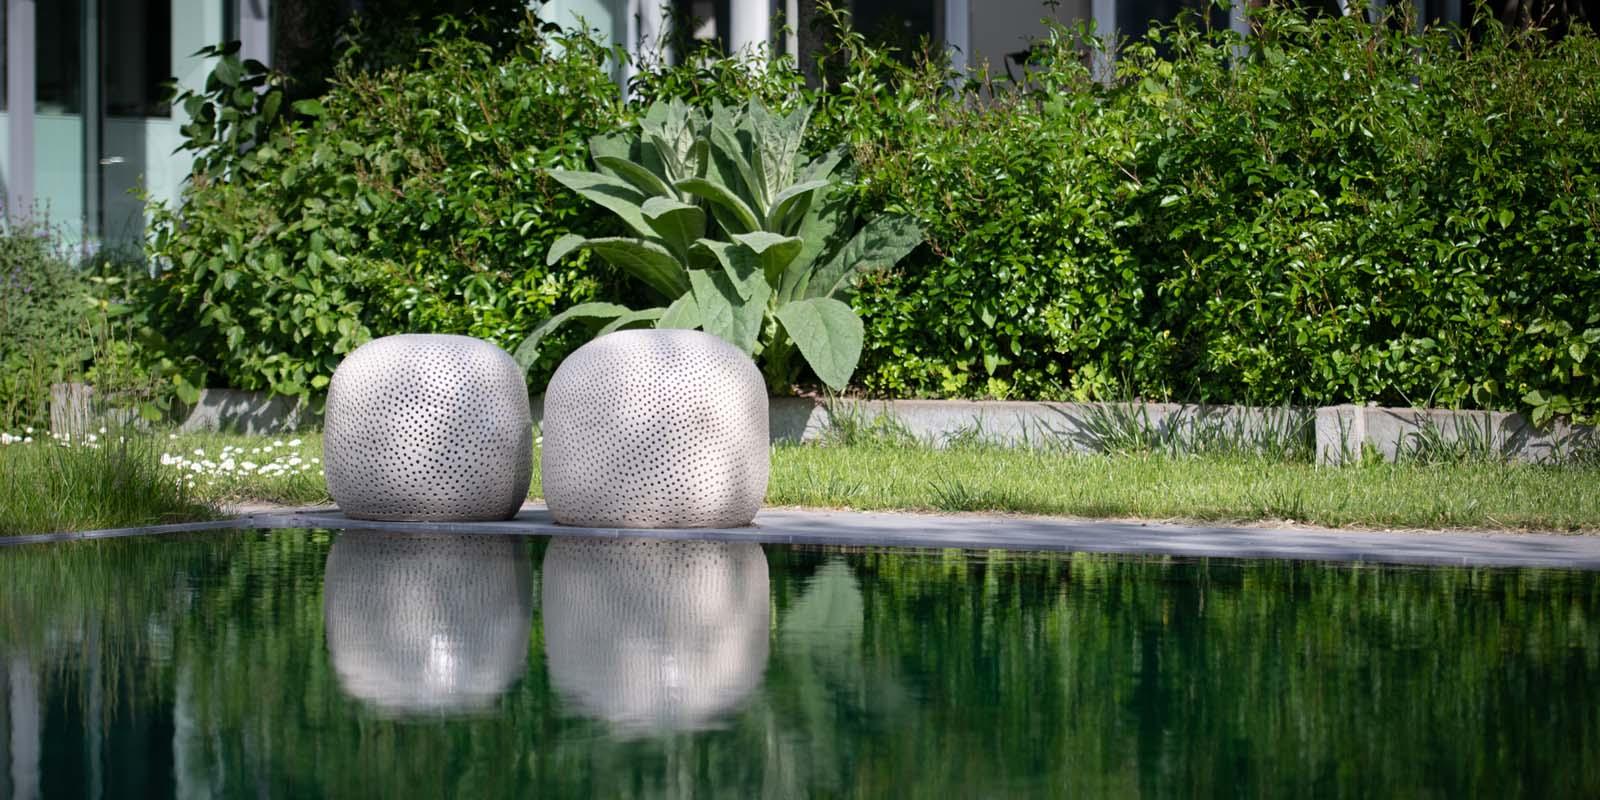 Ceramics by Ann Vermeersch